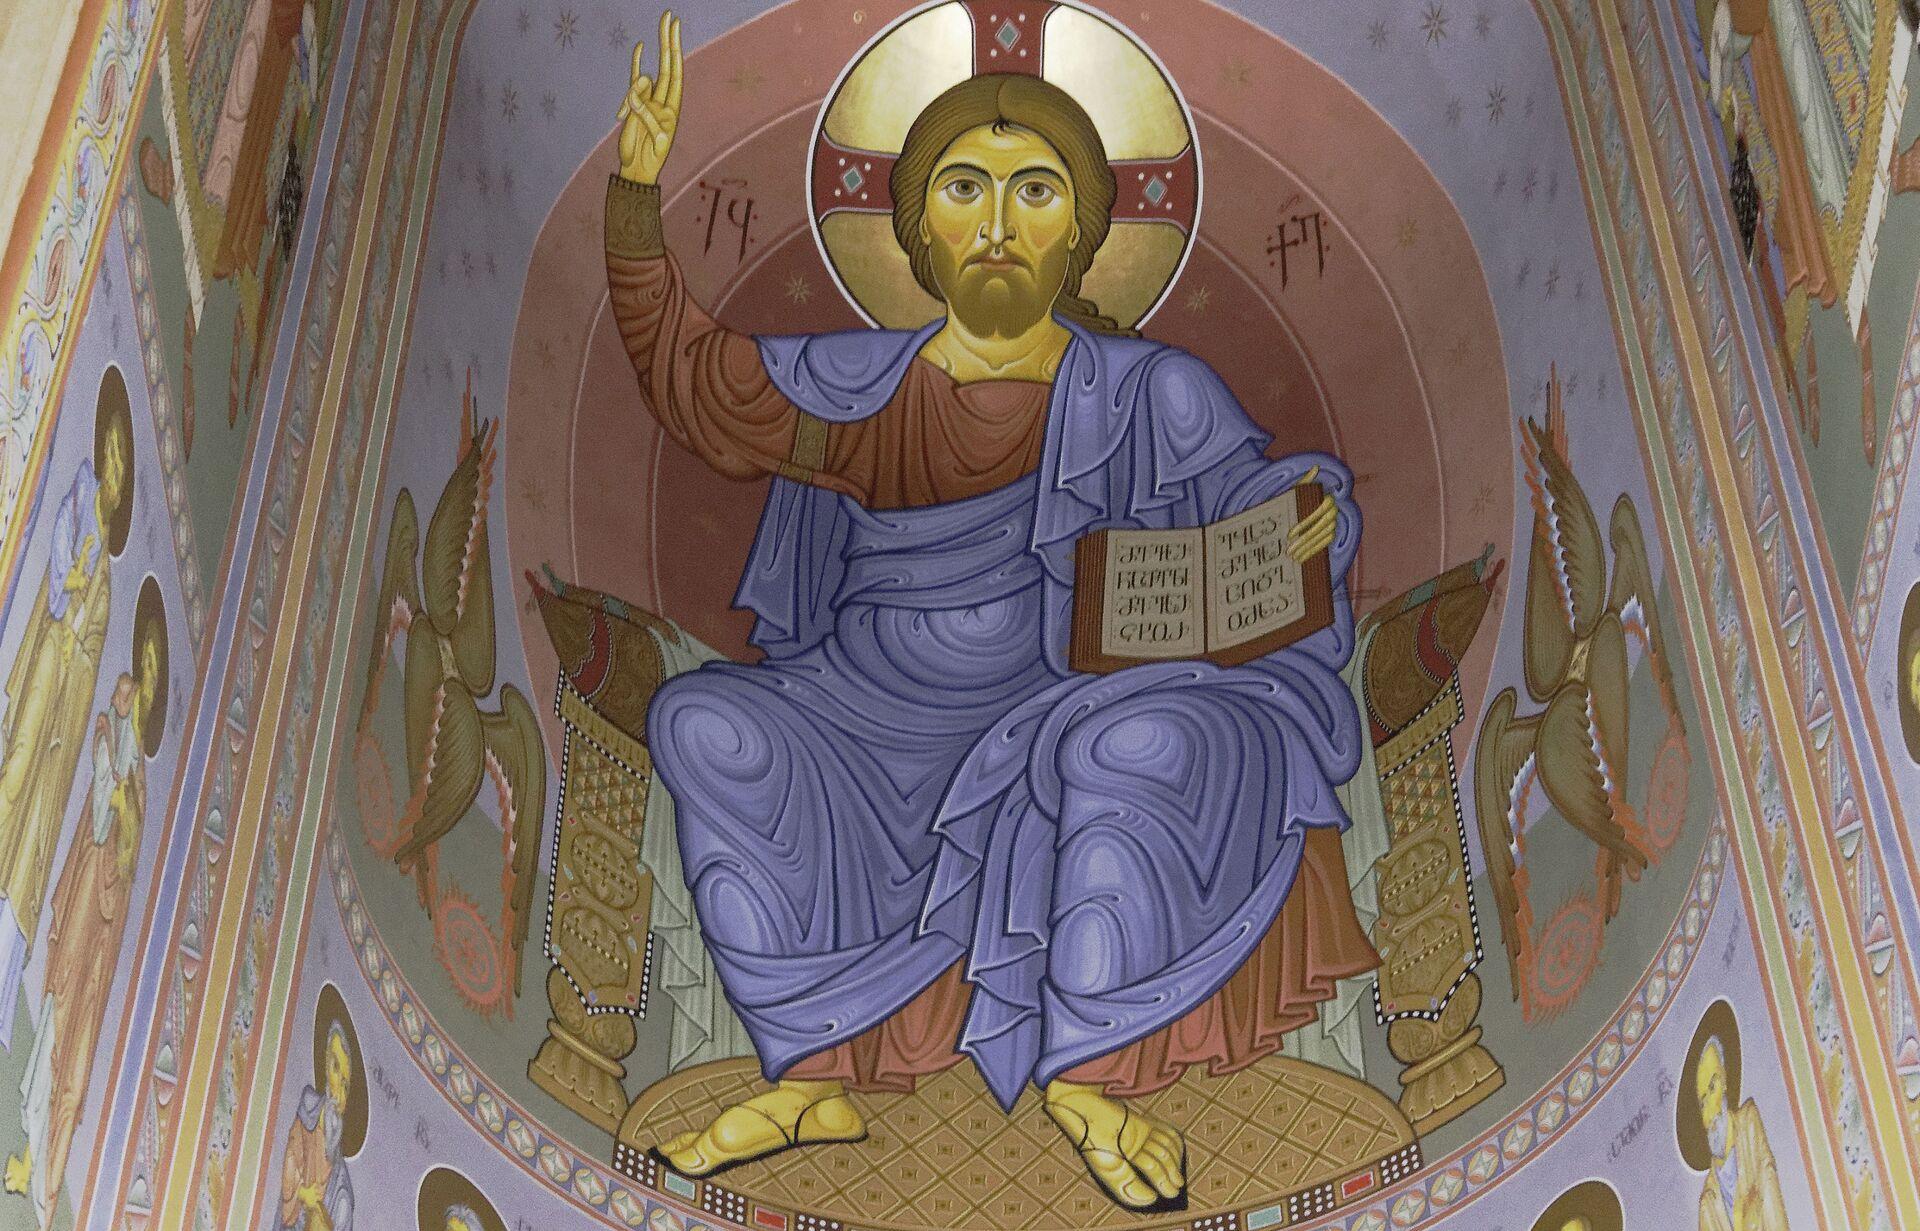 Религия и православие. Иисус Христос - Sputnik Грузия, 1920, 24.08.2021